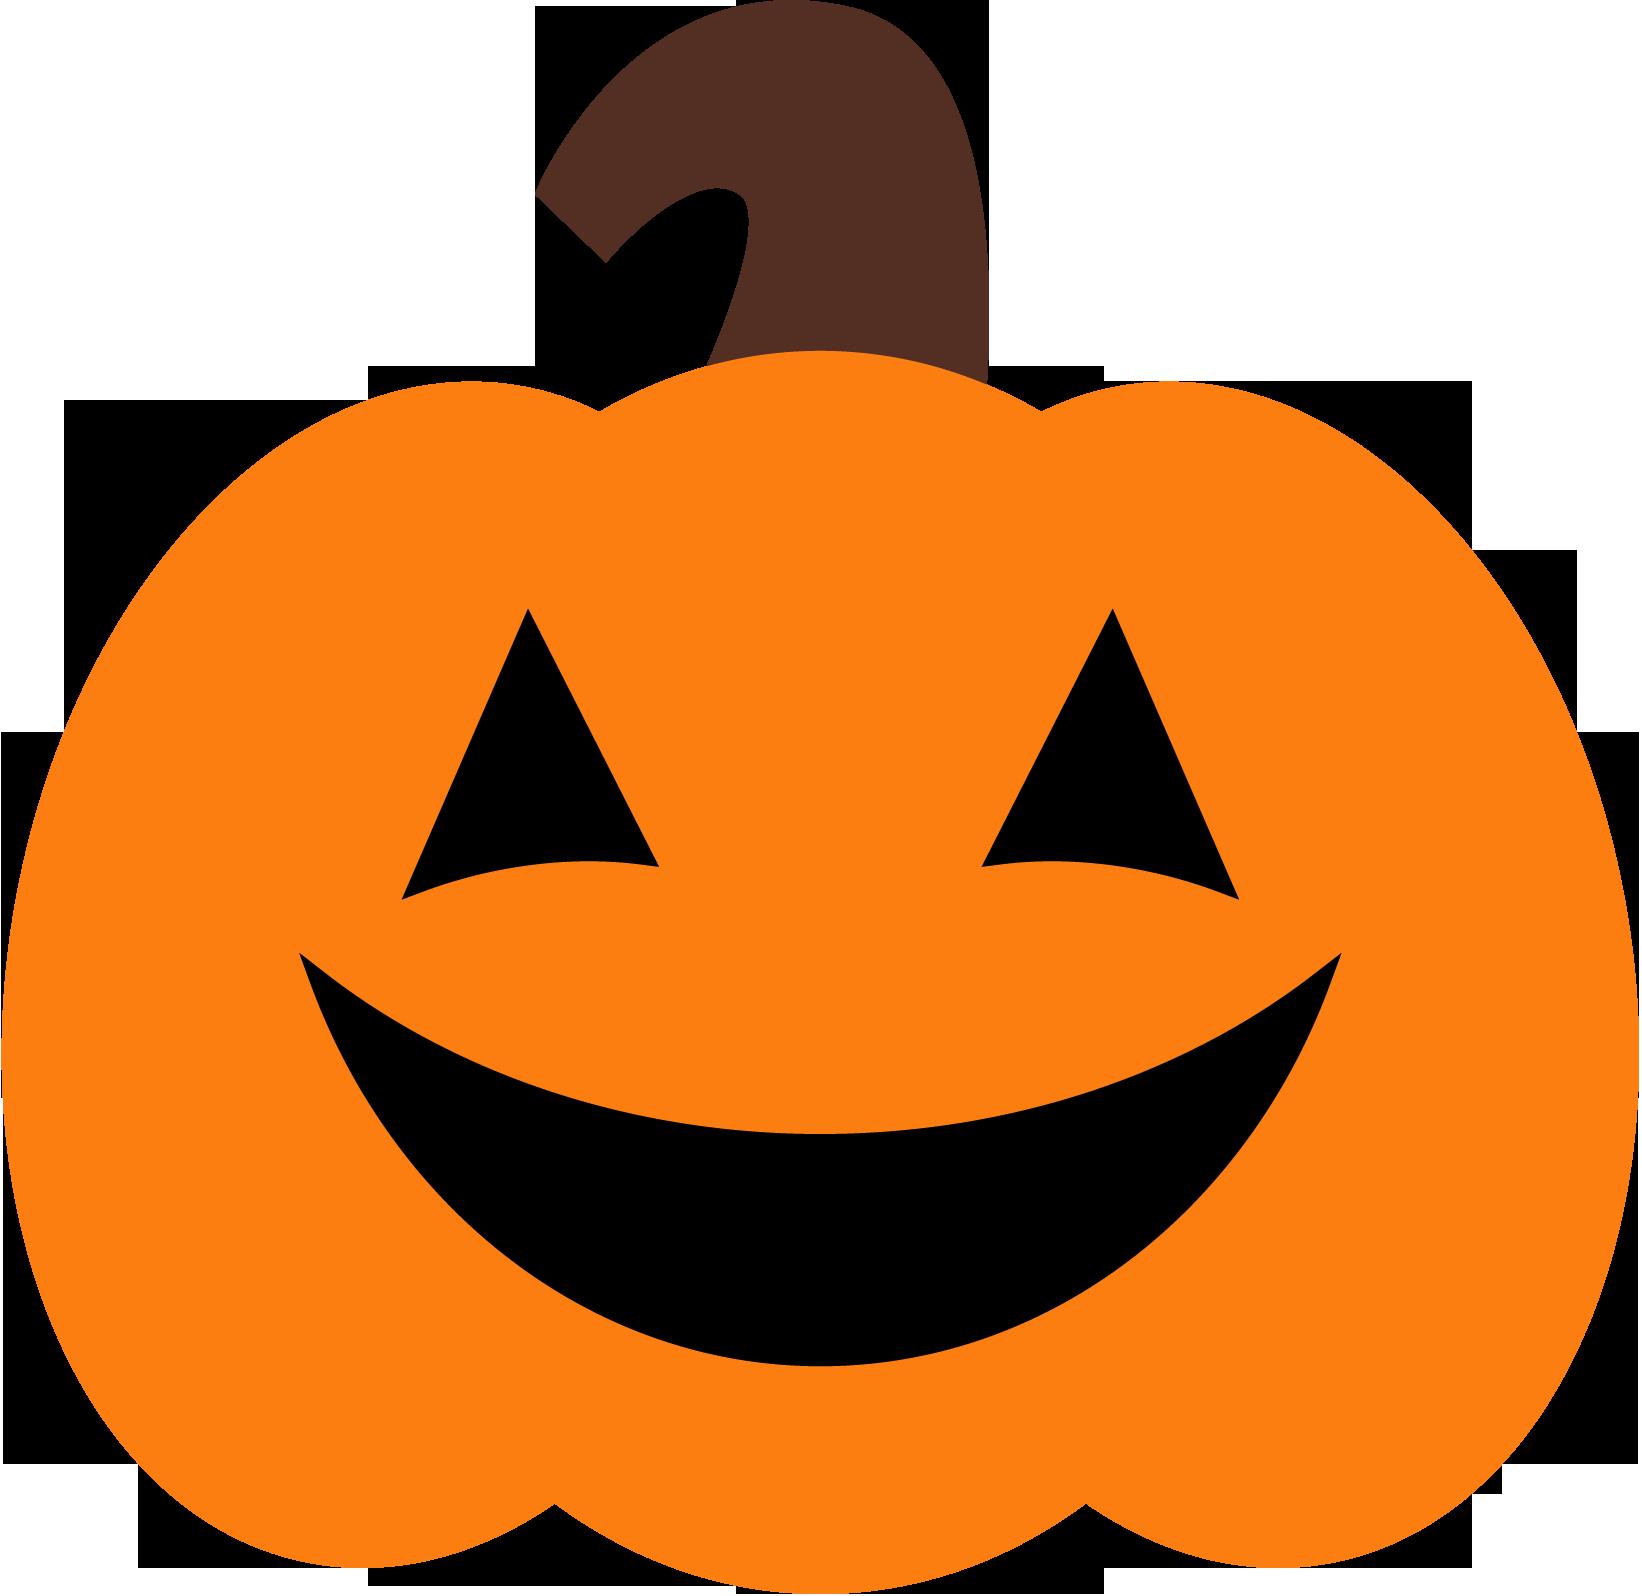 Halloween Pumpkin Clip Art-Halloween Pumpkin Clip Art-10